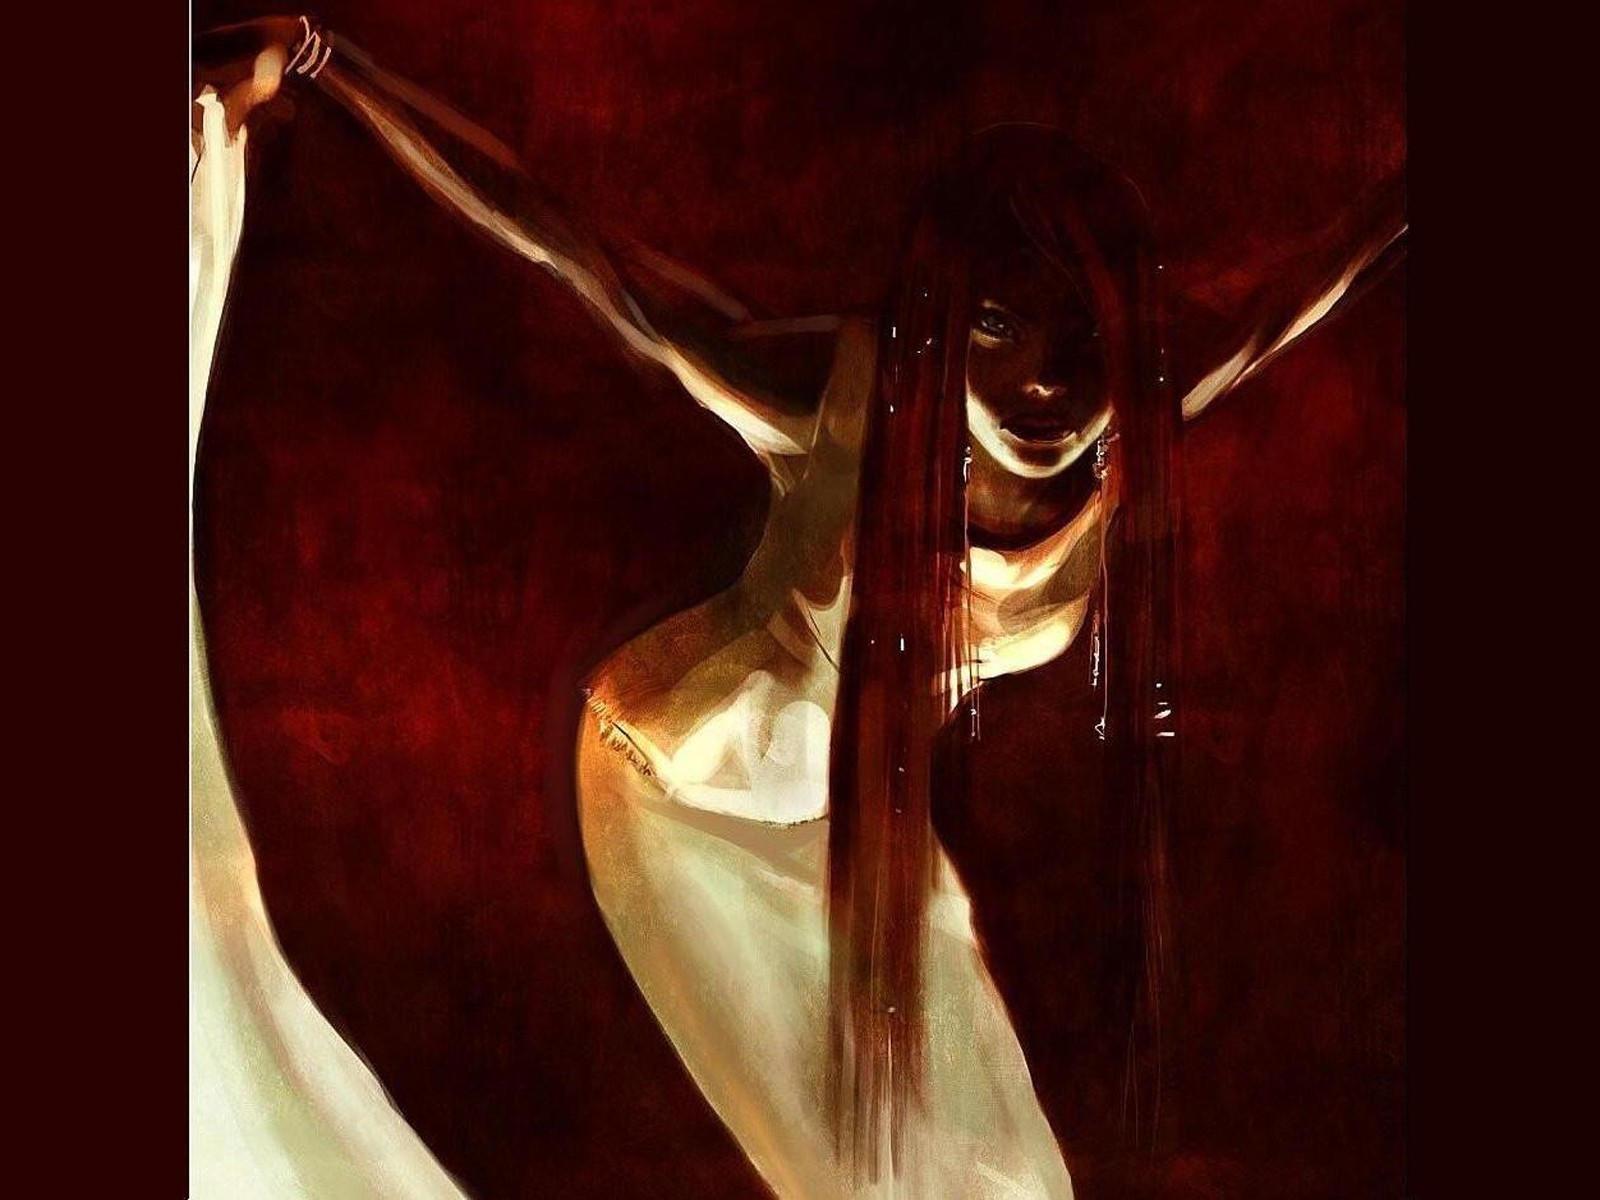 Девушка с длинными волосами в белом платье